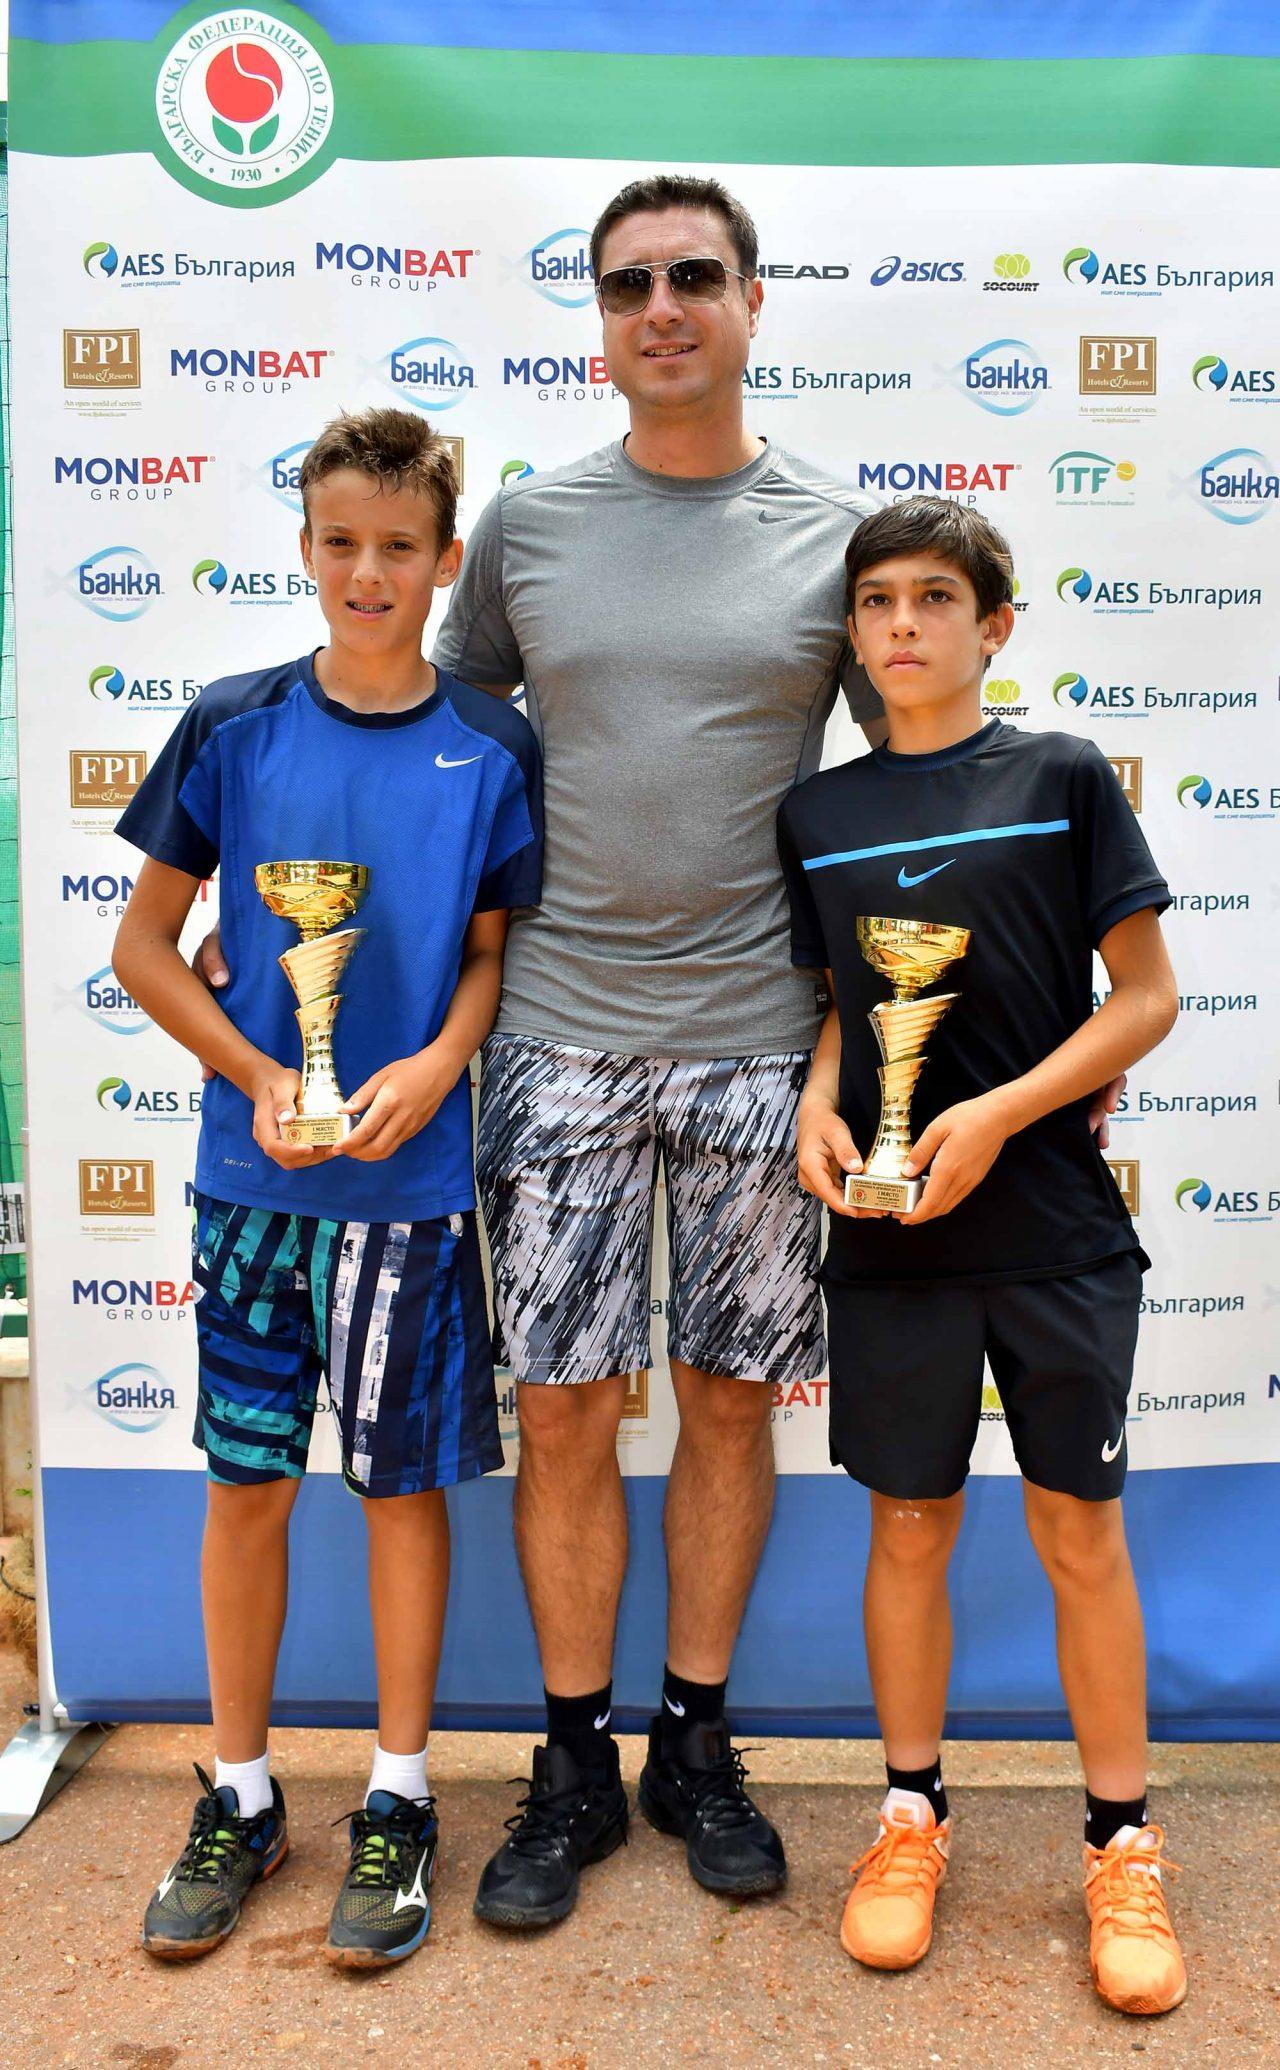 Държавно първенство тенис до 14 год. ТК 15-40 финал двойки (48)